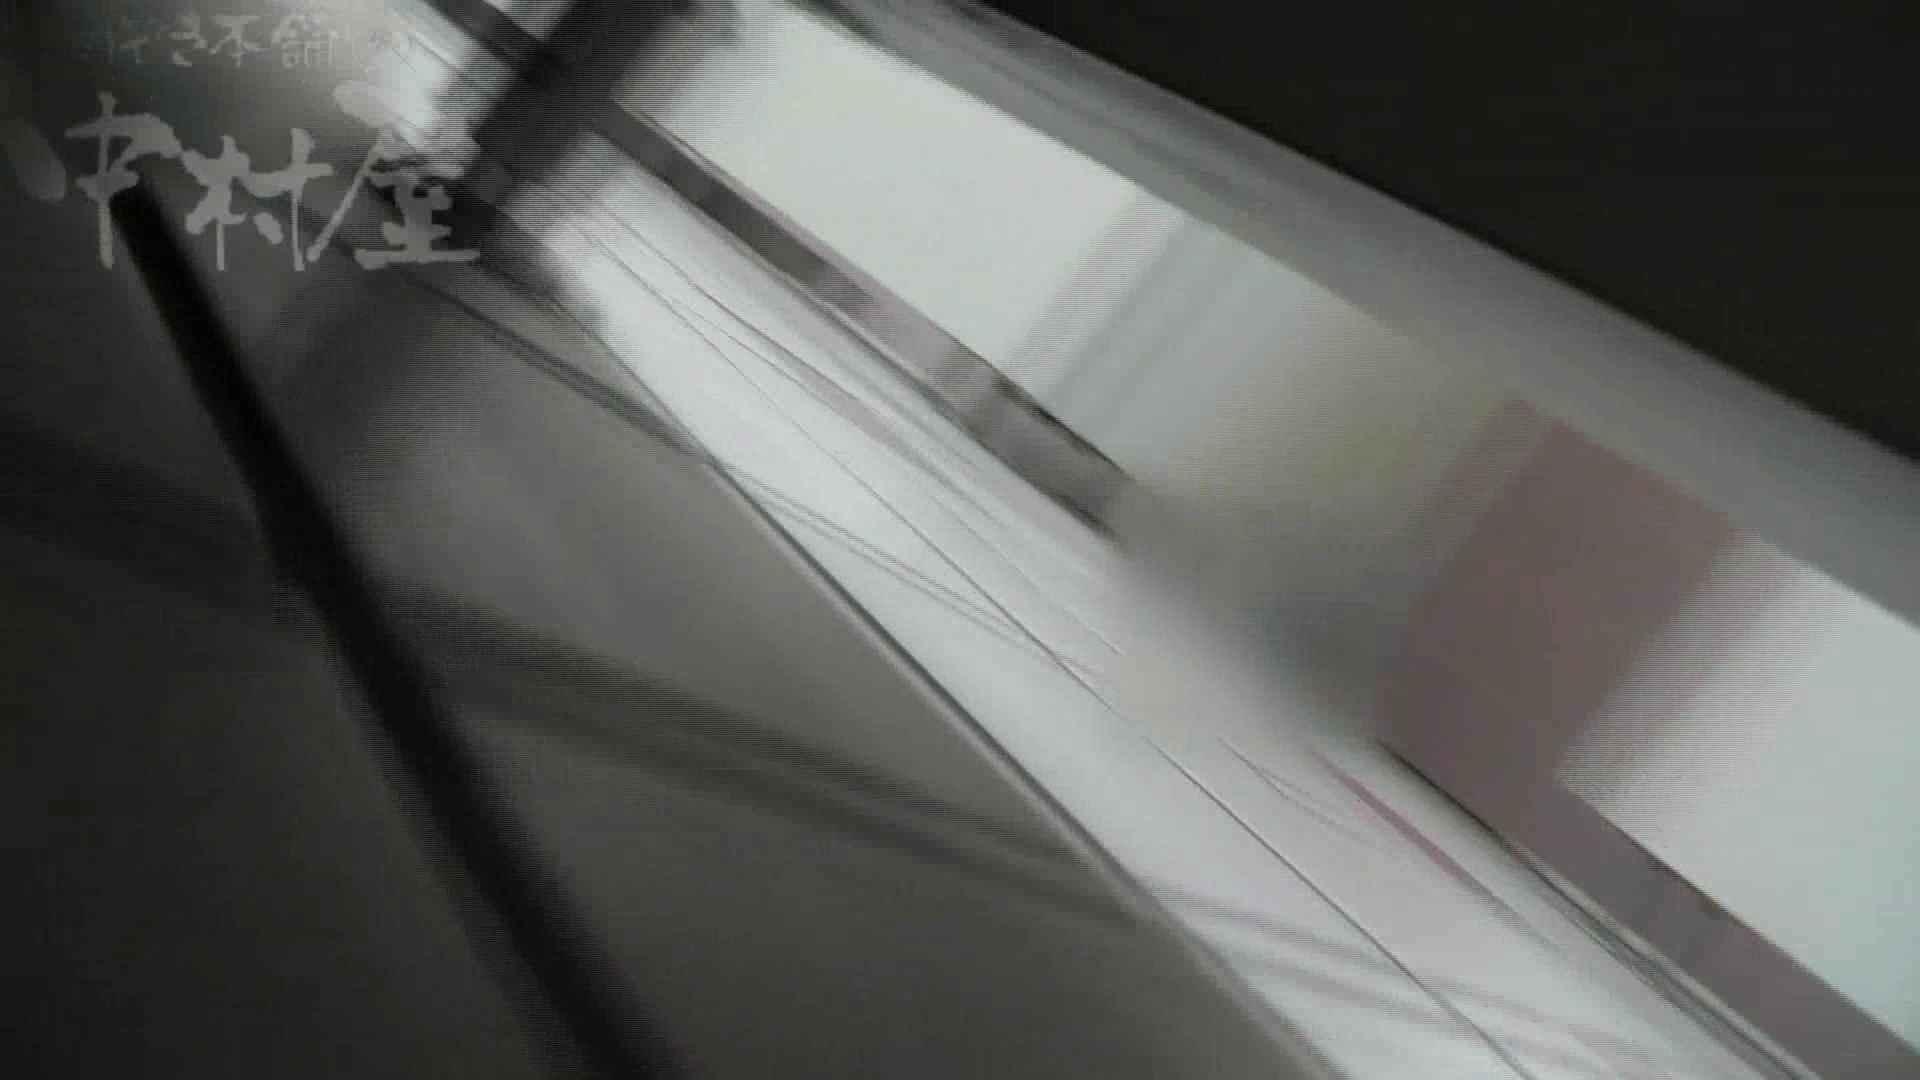 美しい日本の未来 No.31 新しいアングルに挑戦 卑猥 スケベ動画紹介 100連発 78